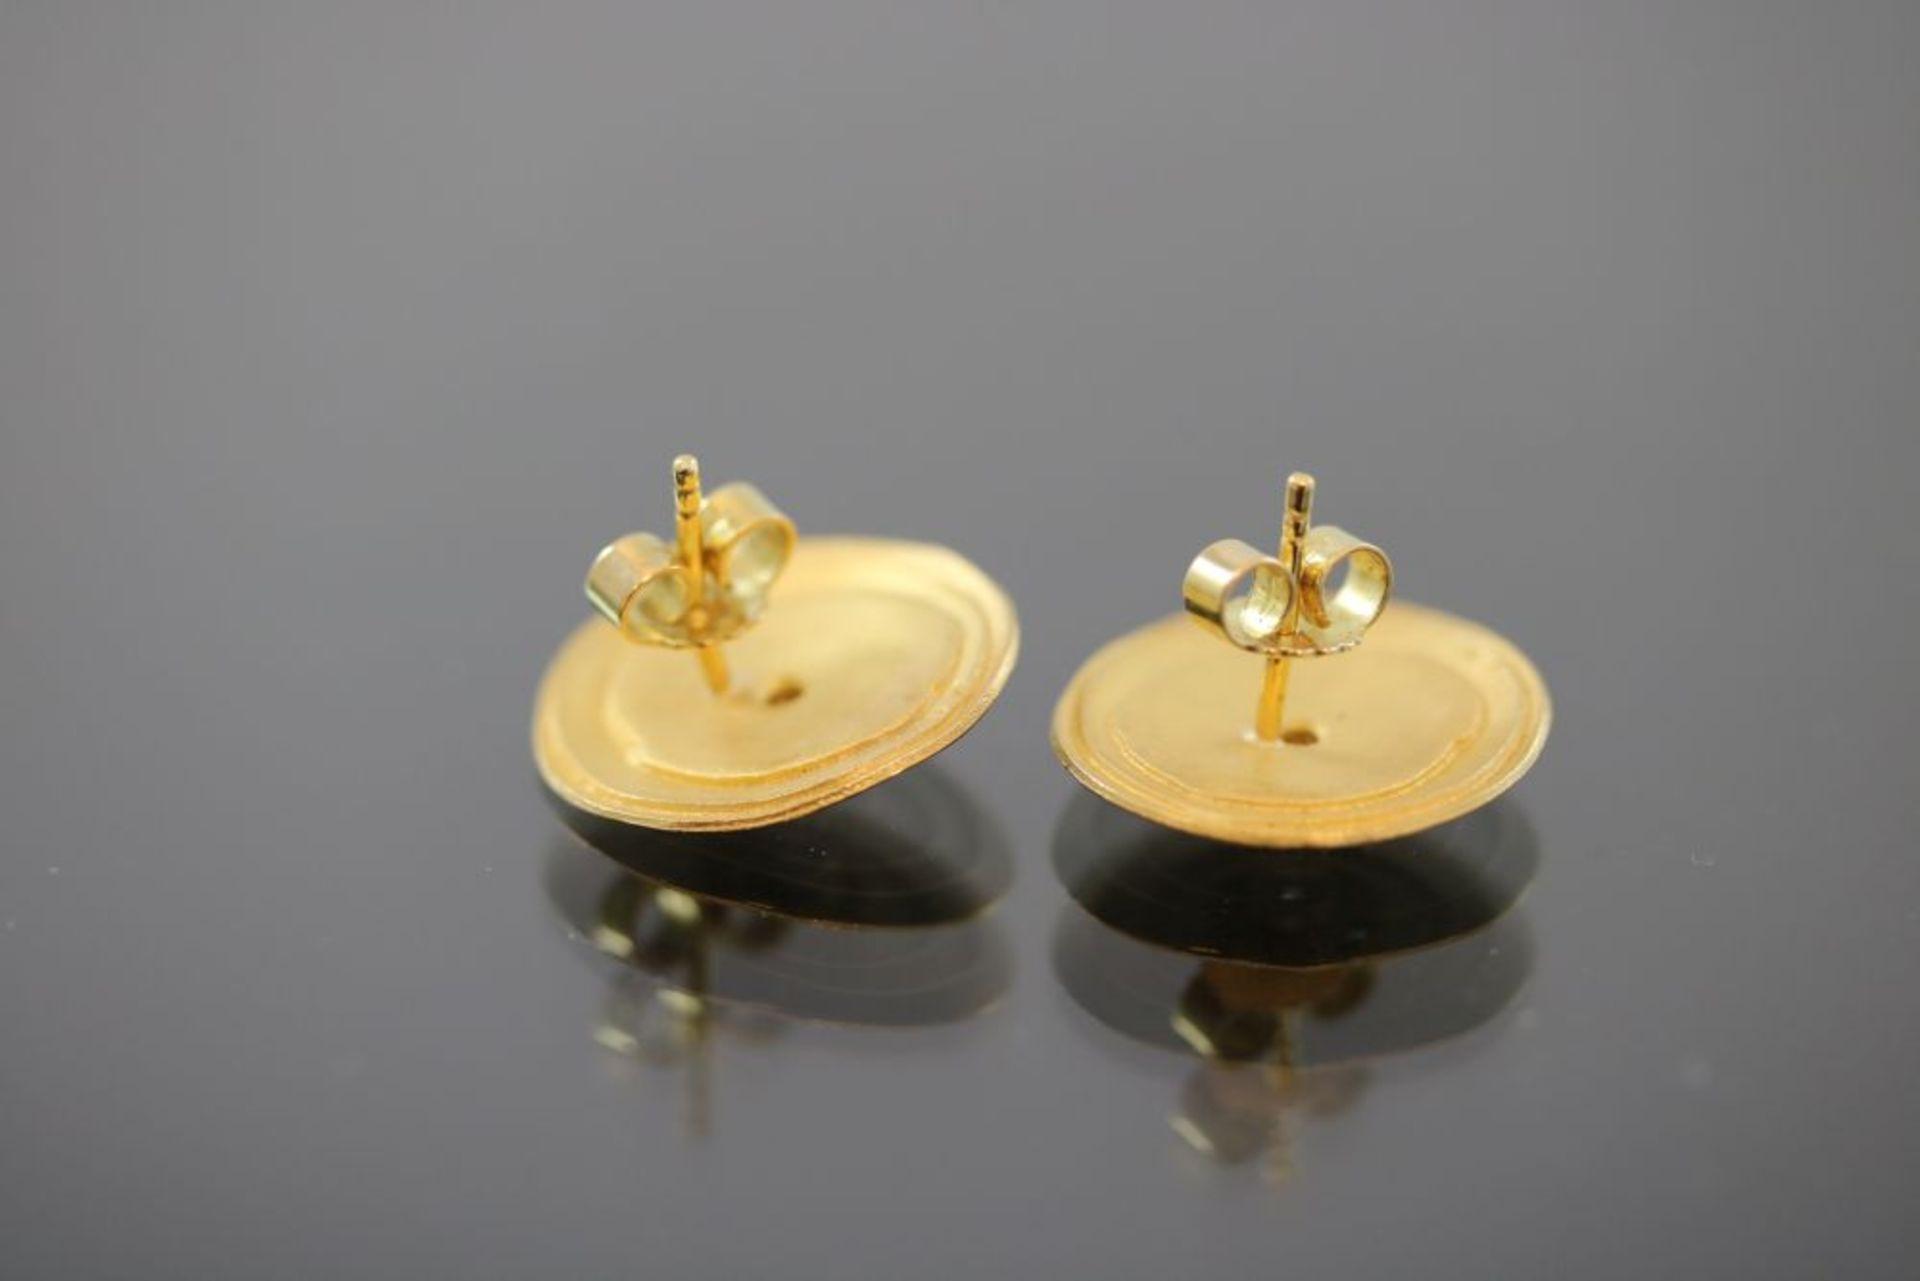 Brillant-Ohrringe, 900 Gold - Bild 3 aus 3